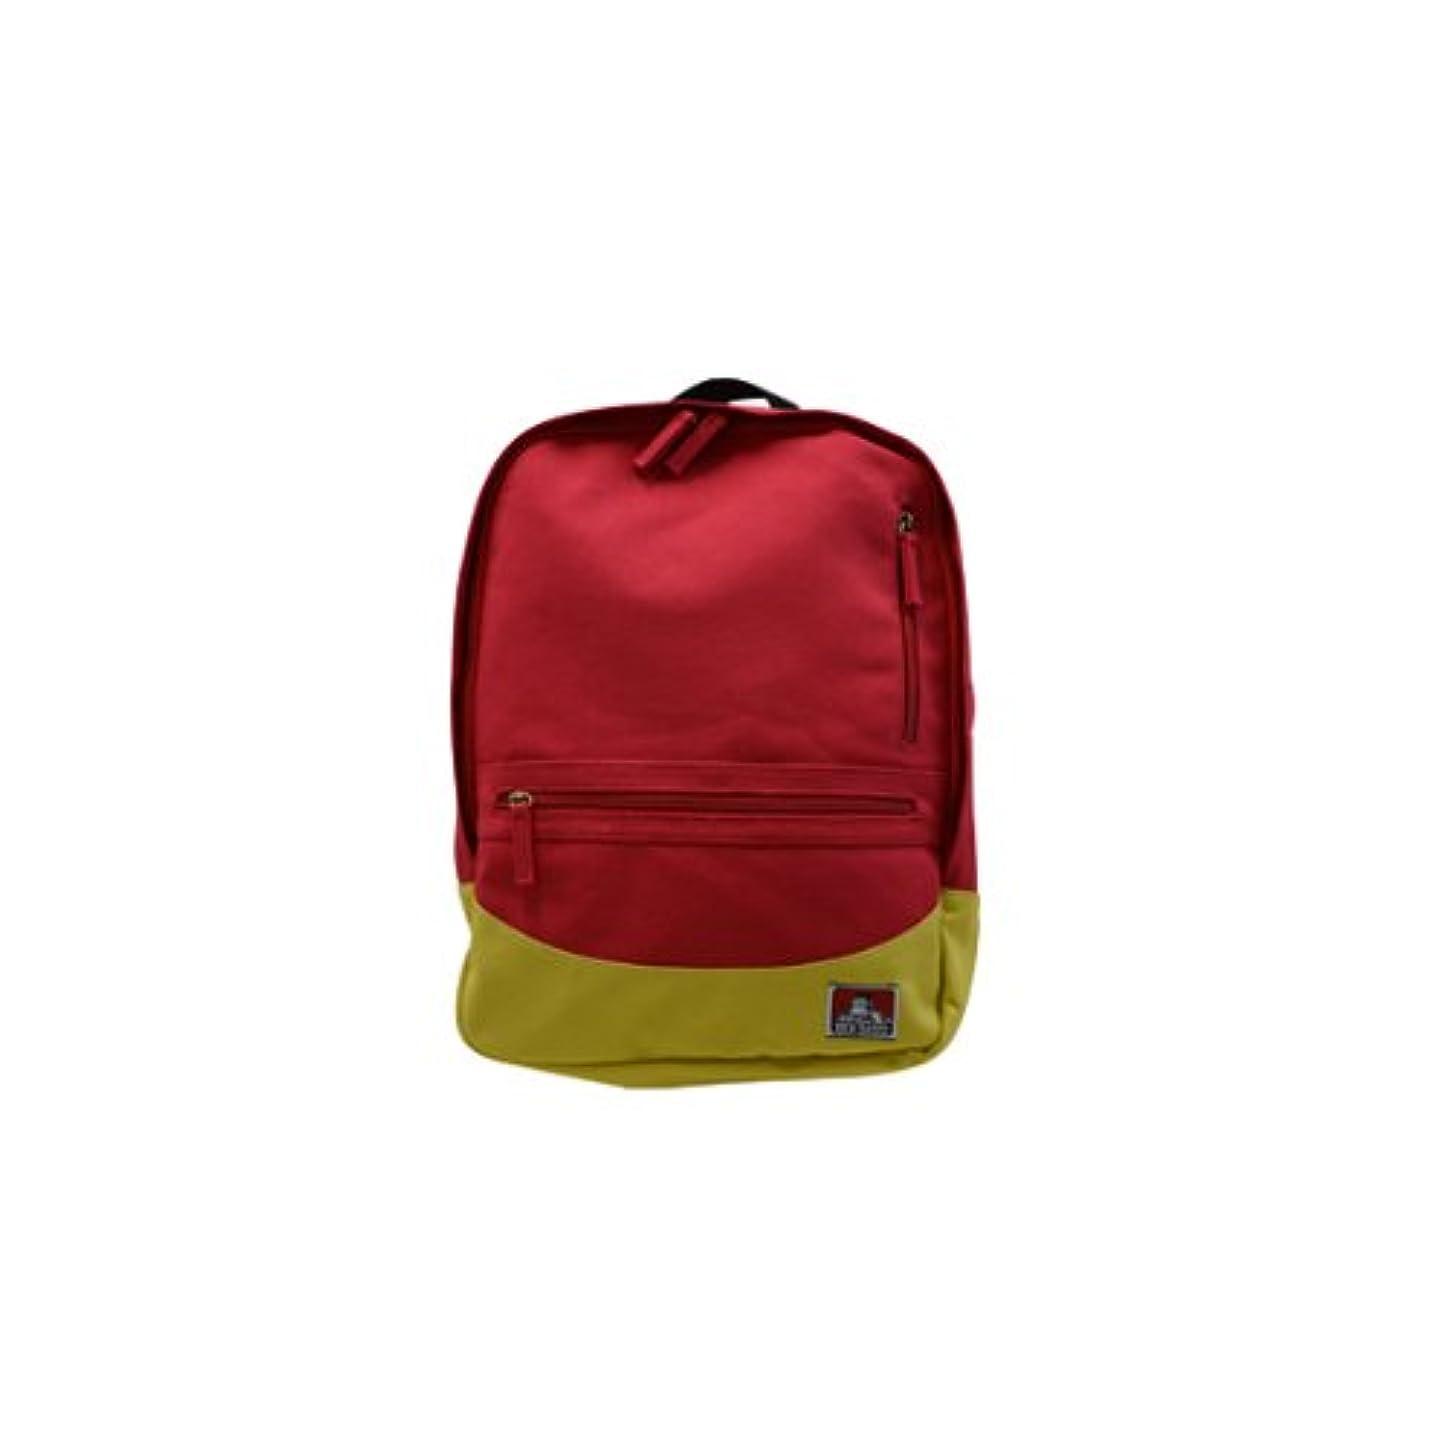 デコードする変換侵略(ベンデイビス) BEN DAVIS COMBINATION DAY PACK デイパック リュック バックパック 鞄